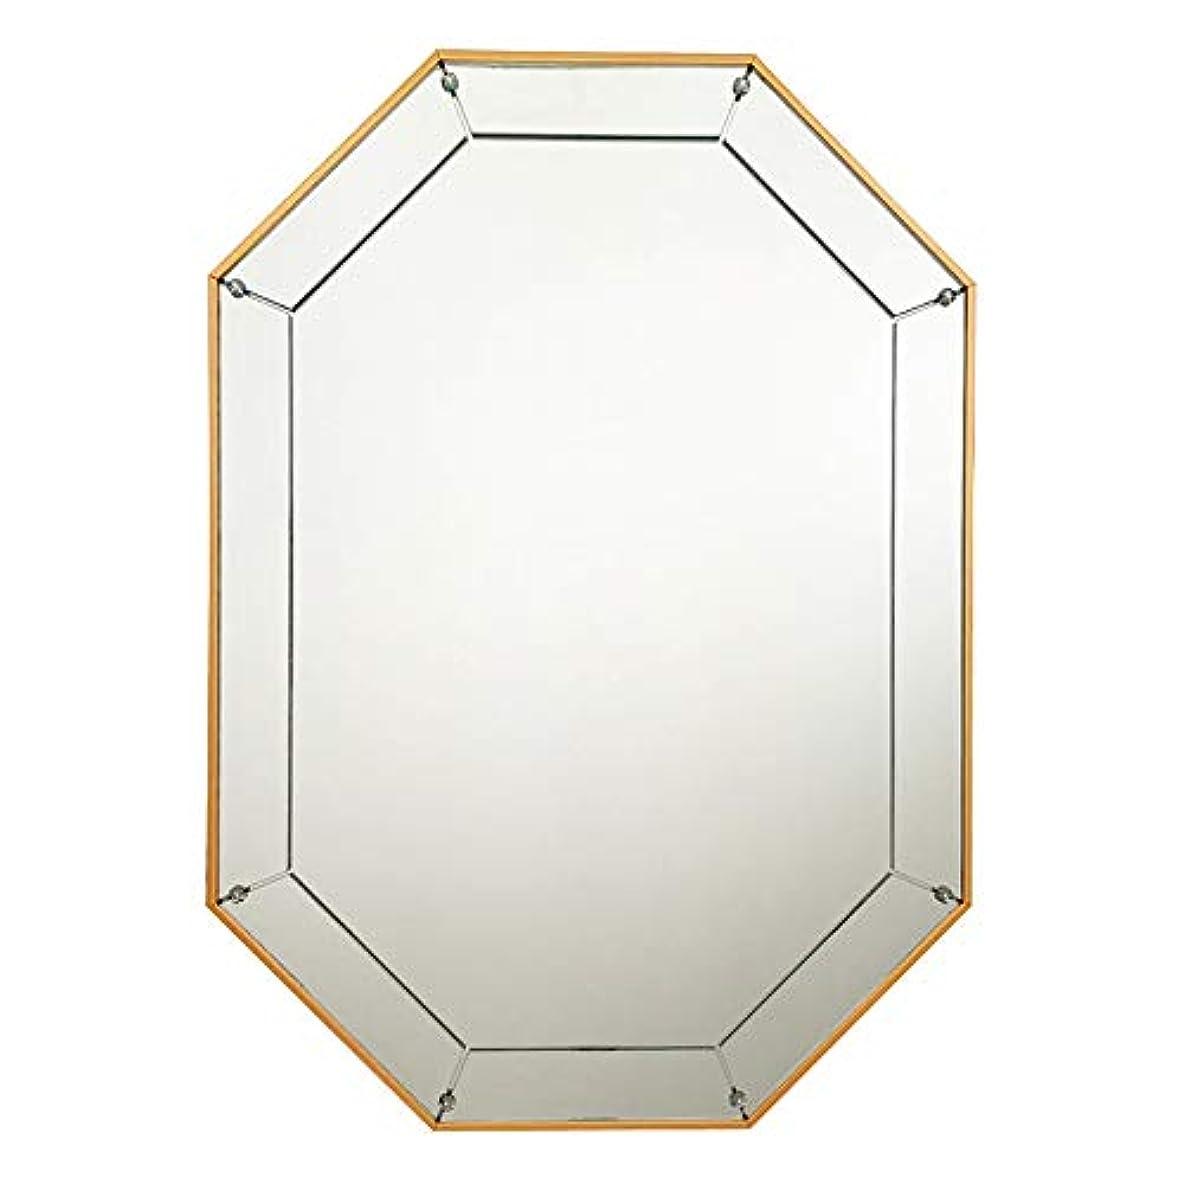 ウォールマウントメイクアップミラー、ノルディッククリエイティブオクタゴン起毛フレーム壁掛けミラードレッサーミラー装飾玄関リビングルームのバスルーム,金